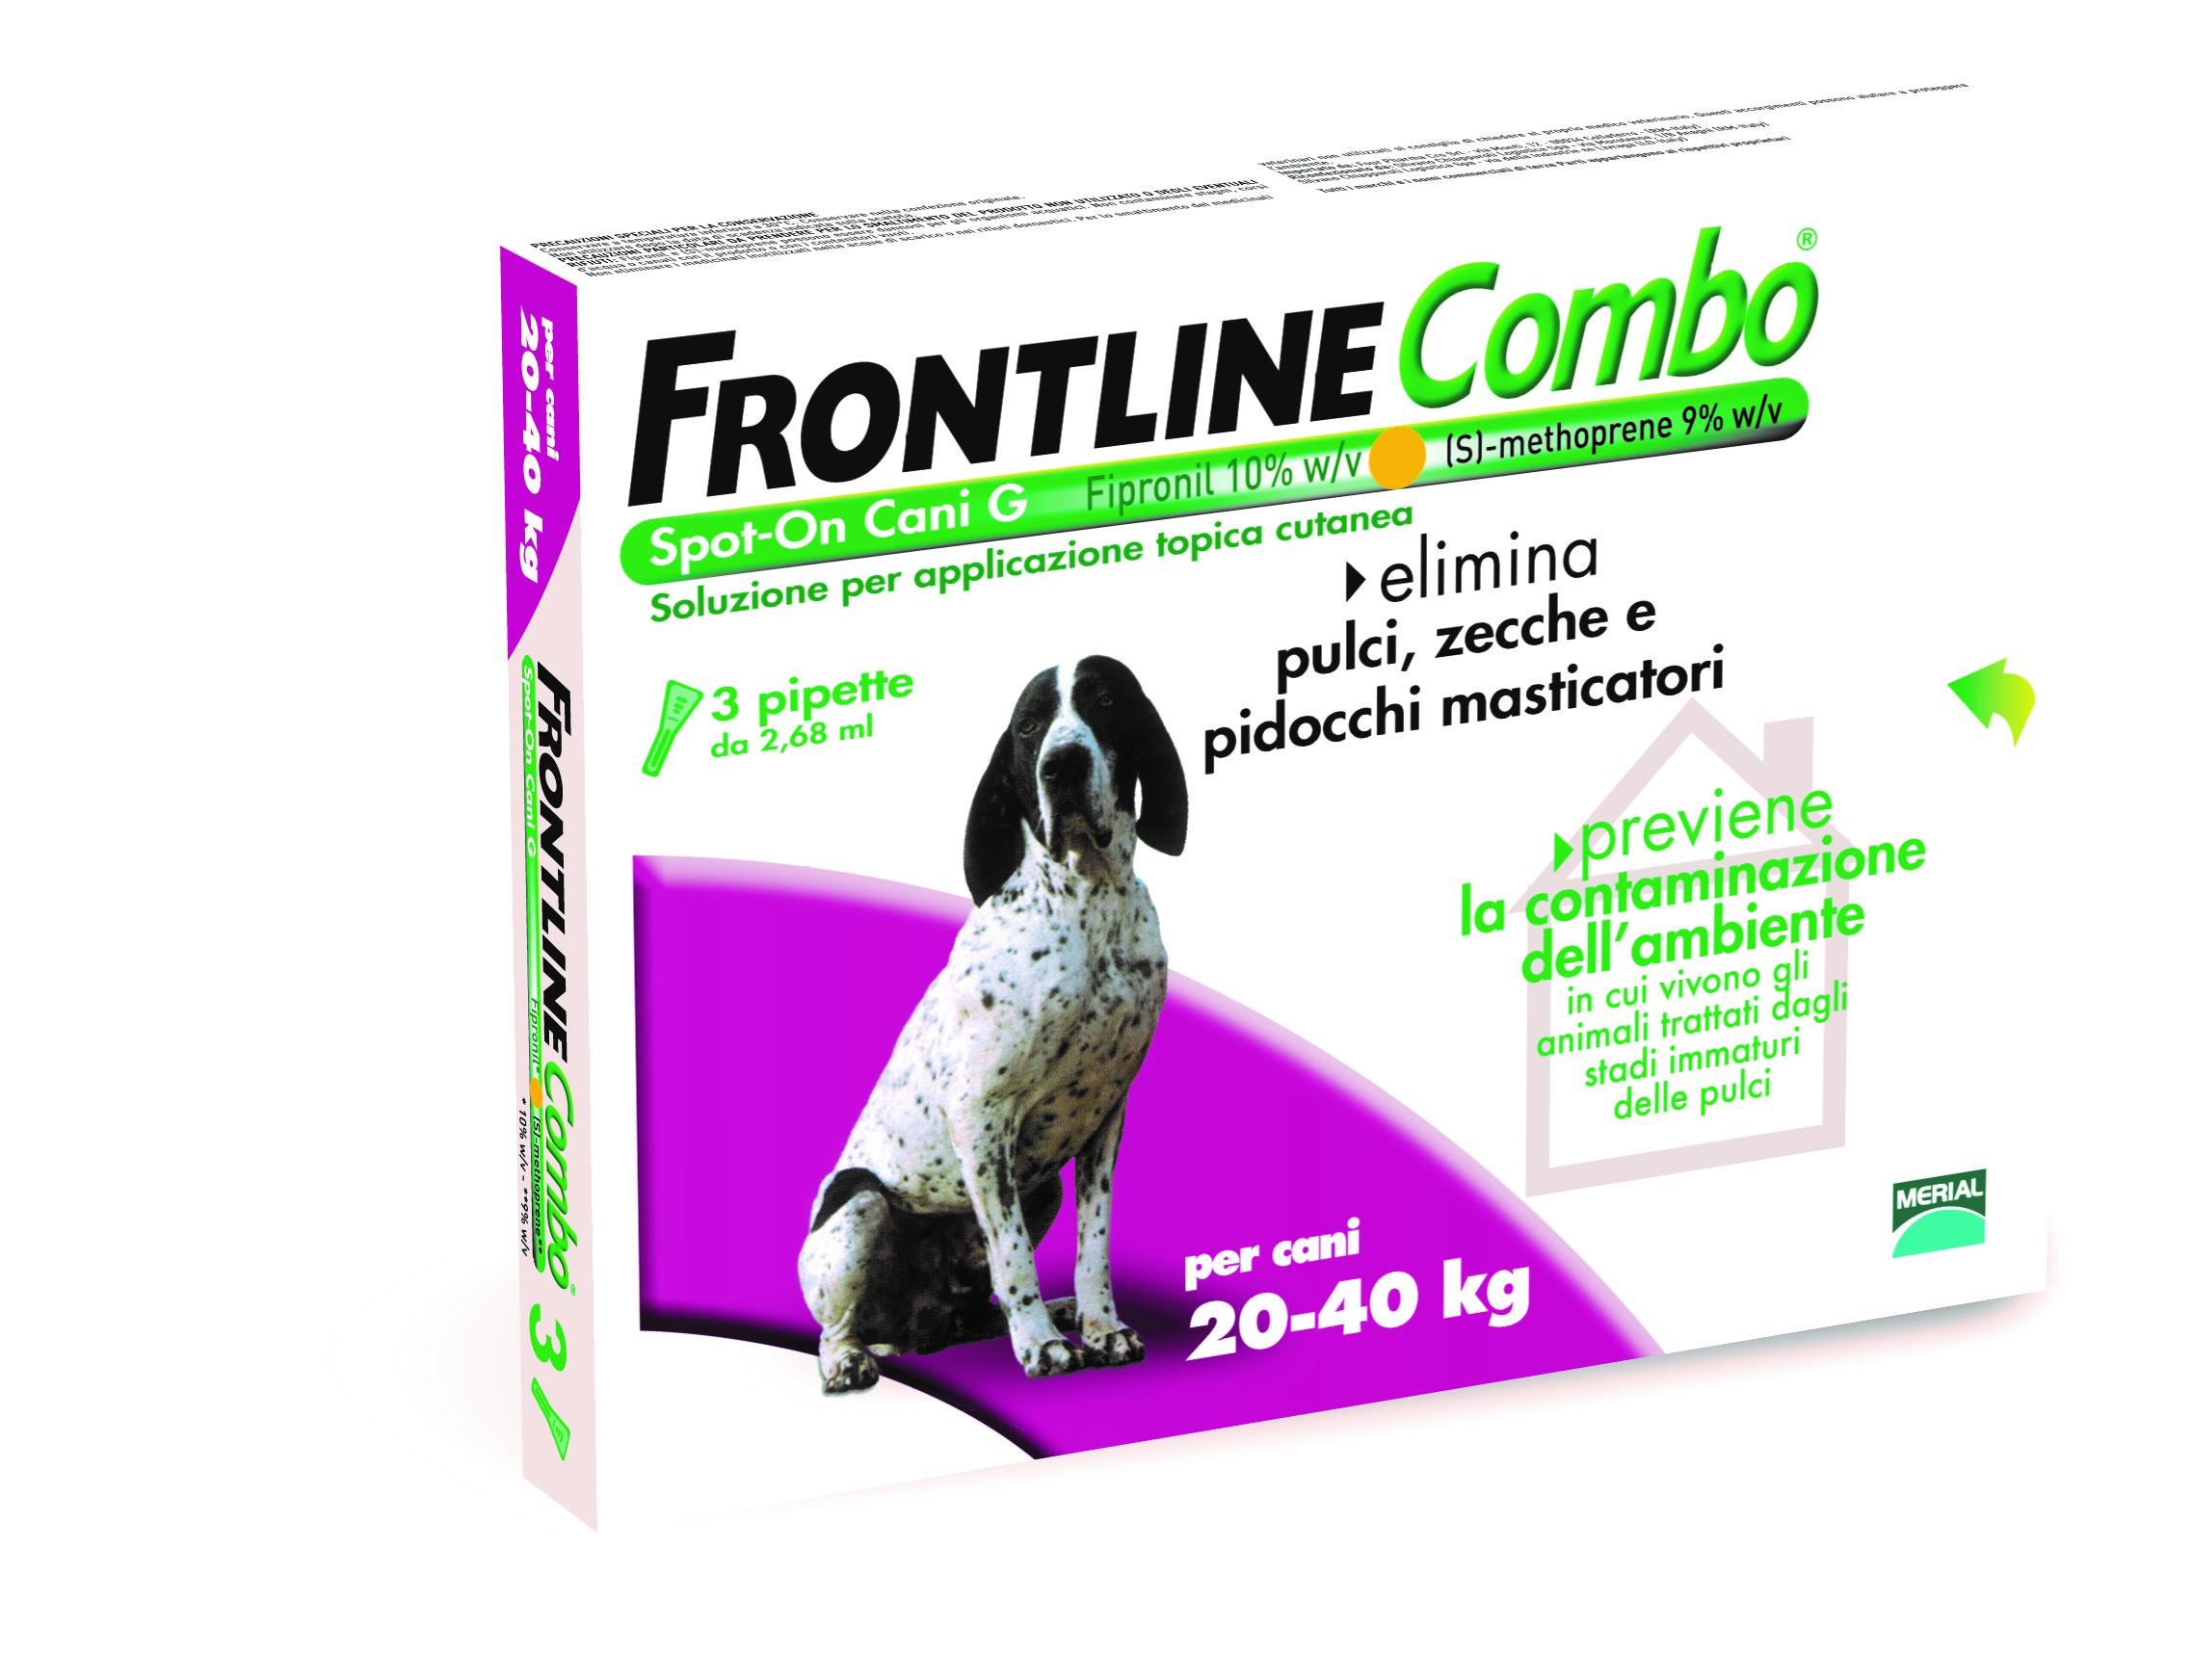 FRONTLINE COMBO*3PIP 20-40KG C - Farmacia Barni